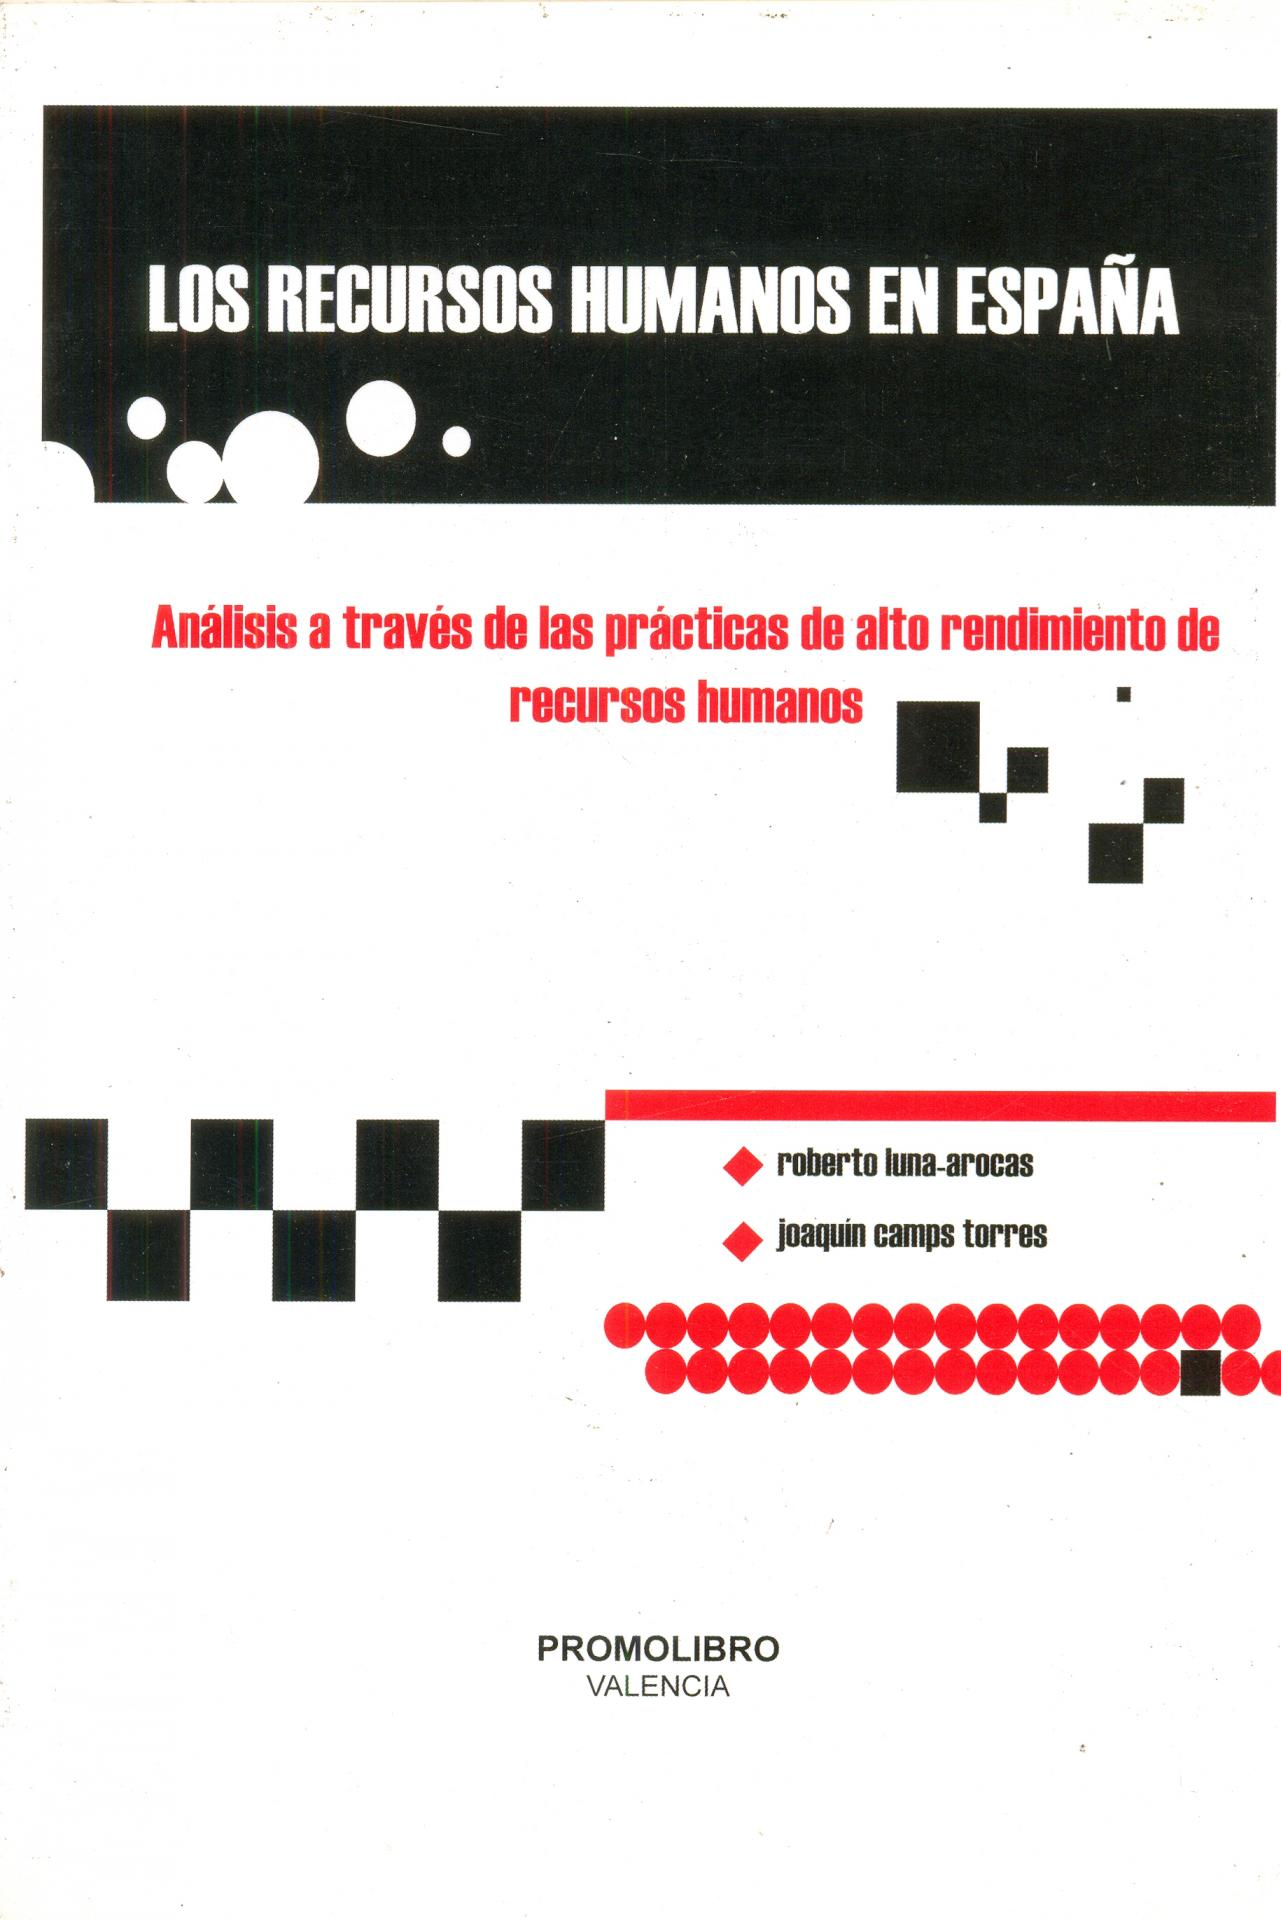 LOS RECURSOS HUMANOS EN ESPAÑA. Análisis a través de las prácticas de alto rendimiento de recursos humanos.